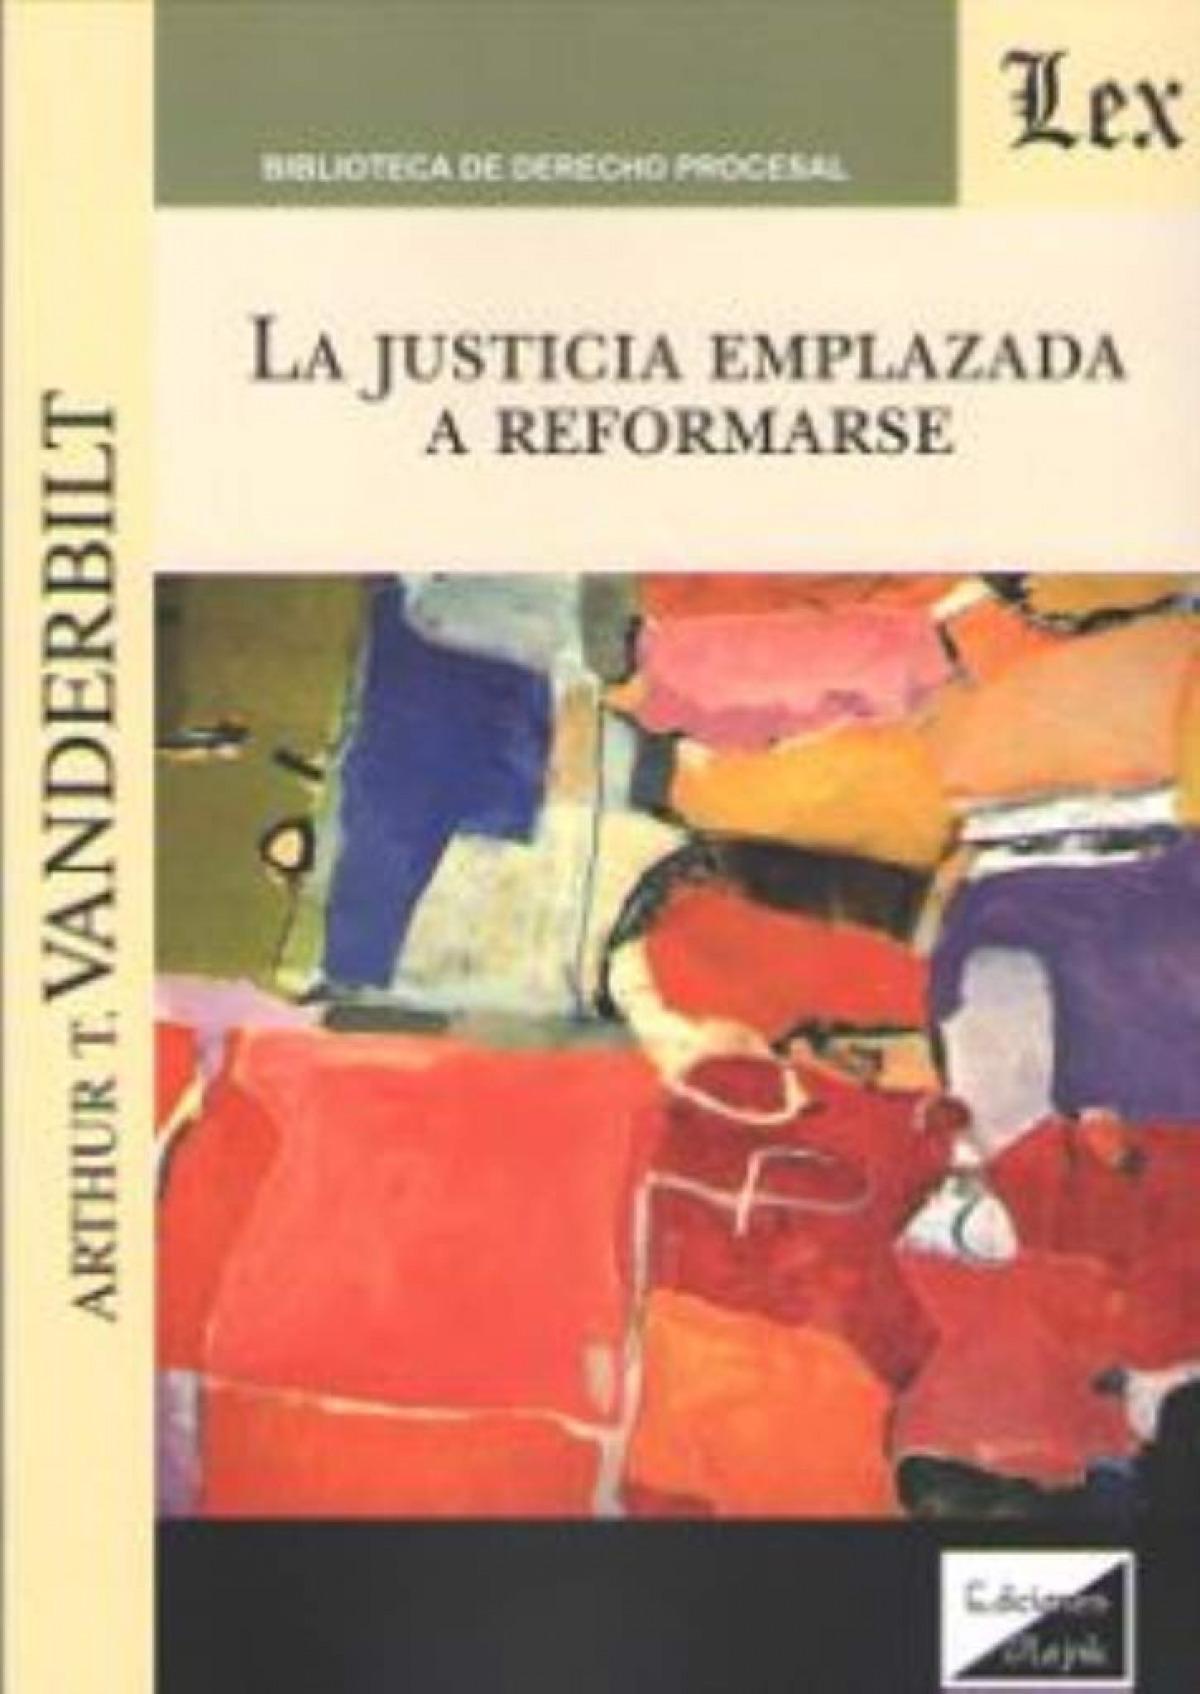 La justicia emplazada a reformarse